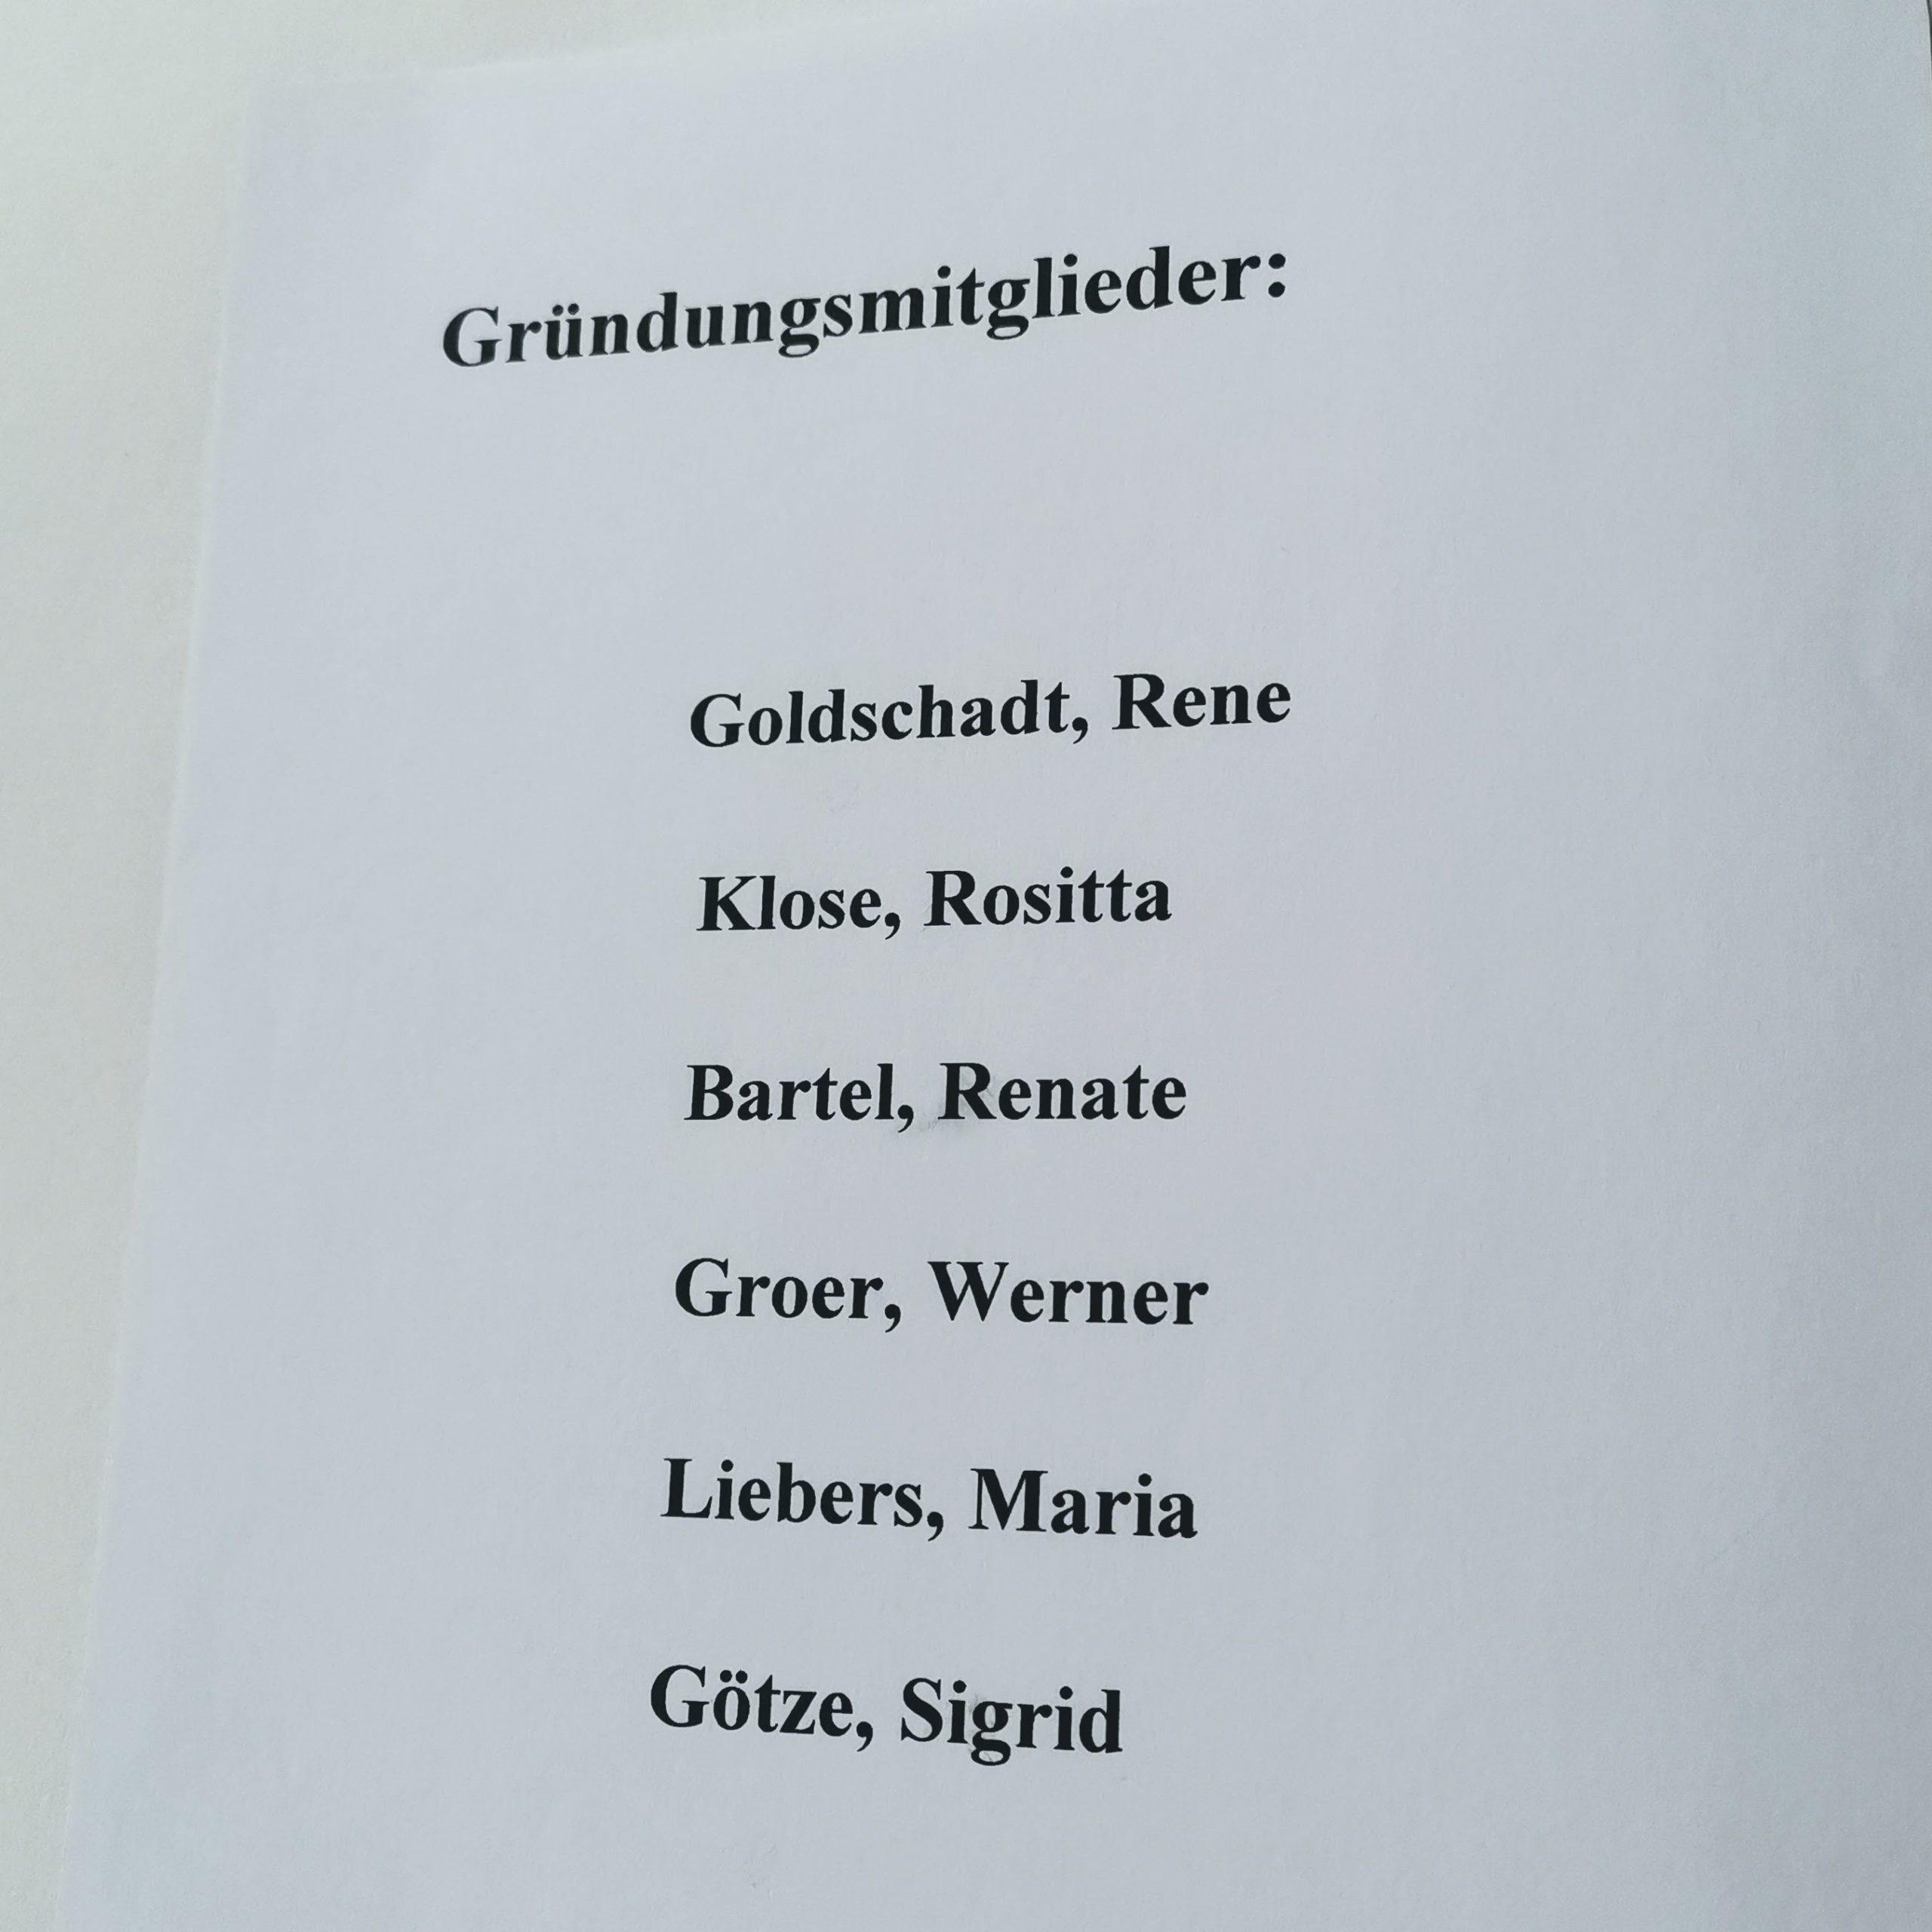 Gründungsmitglieder der RG15